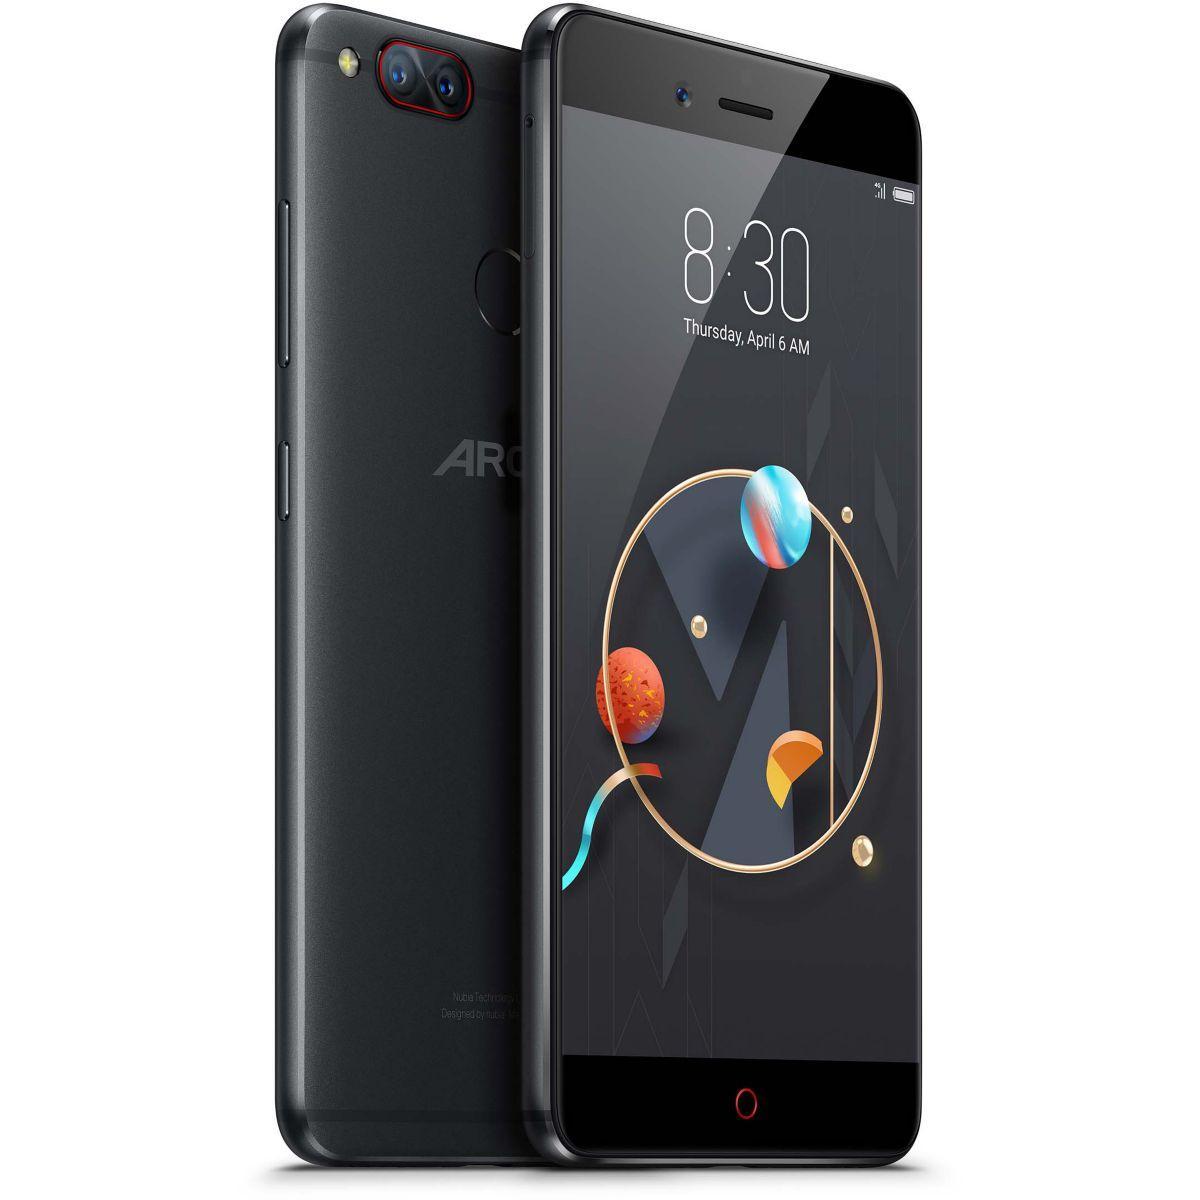 Smartphone archos diamond alpha - livraison offerte avec le code nouveaute